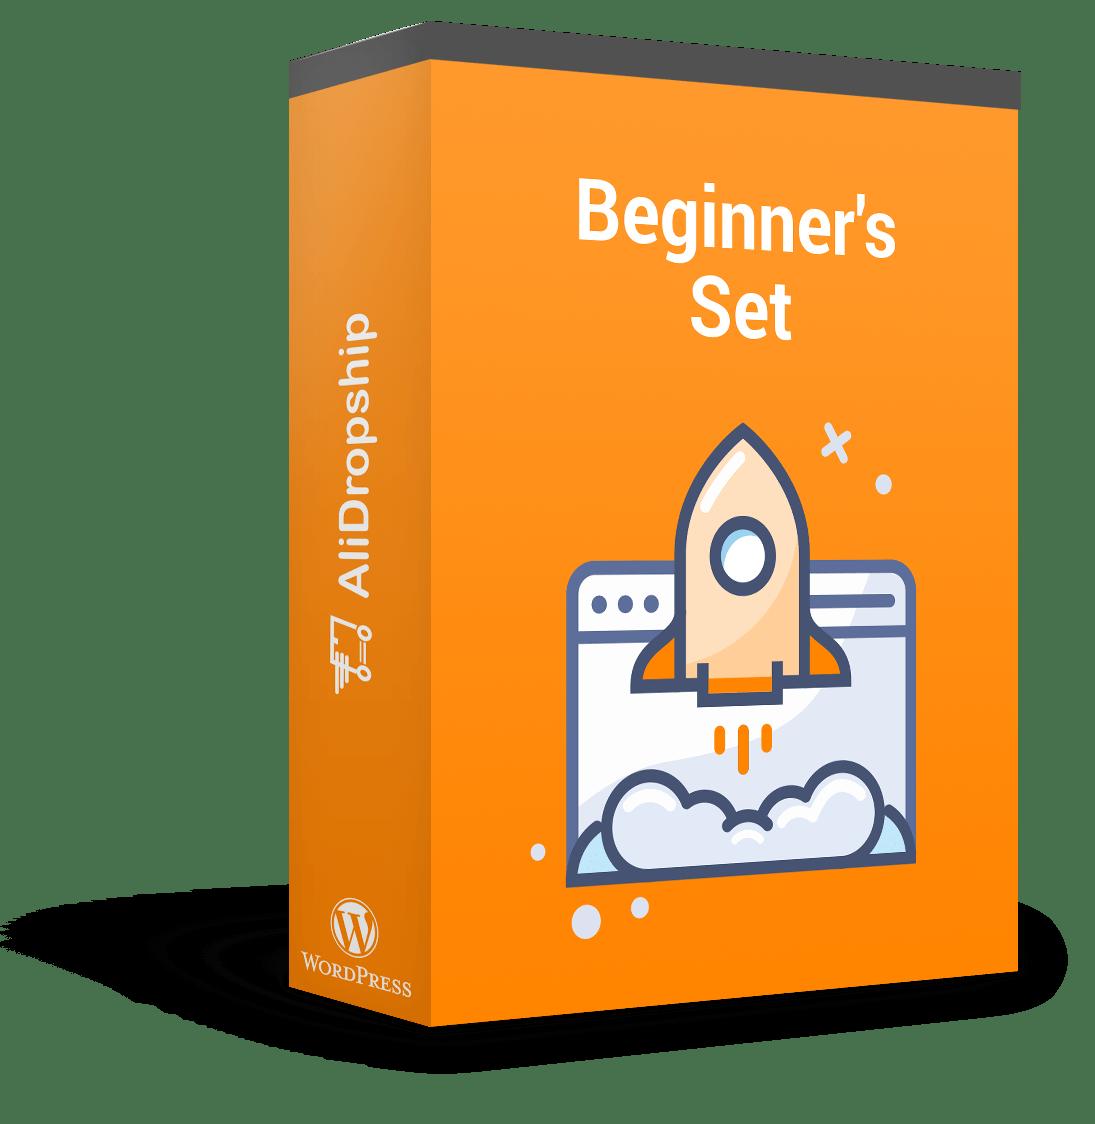 Beginner's Set